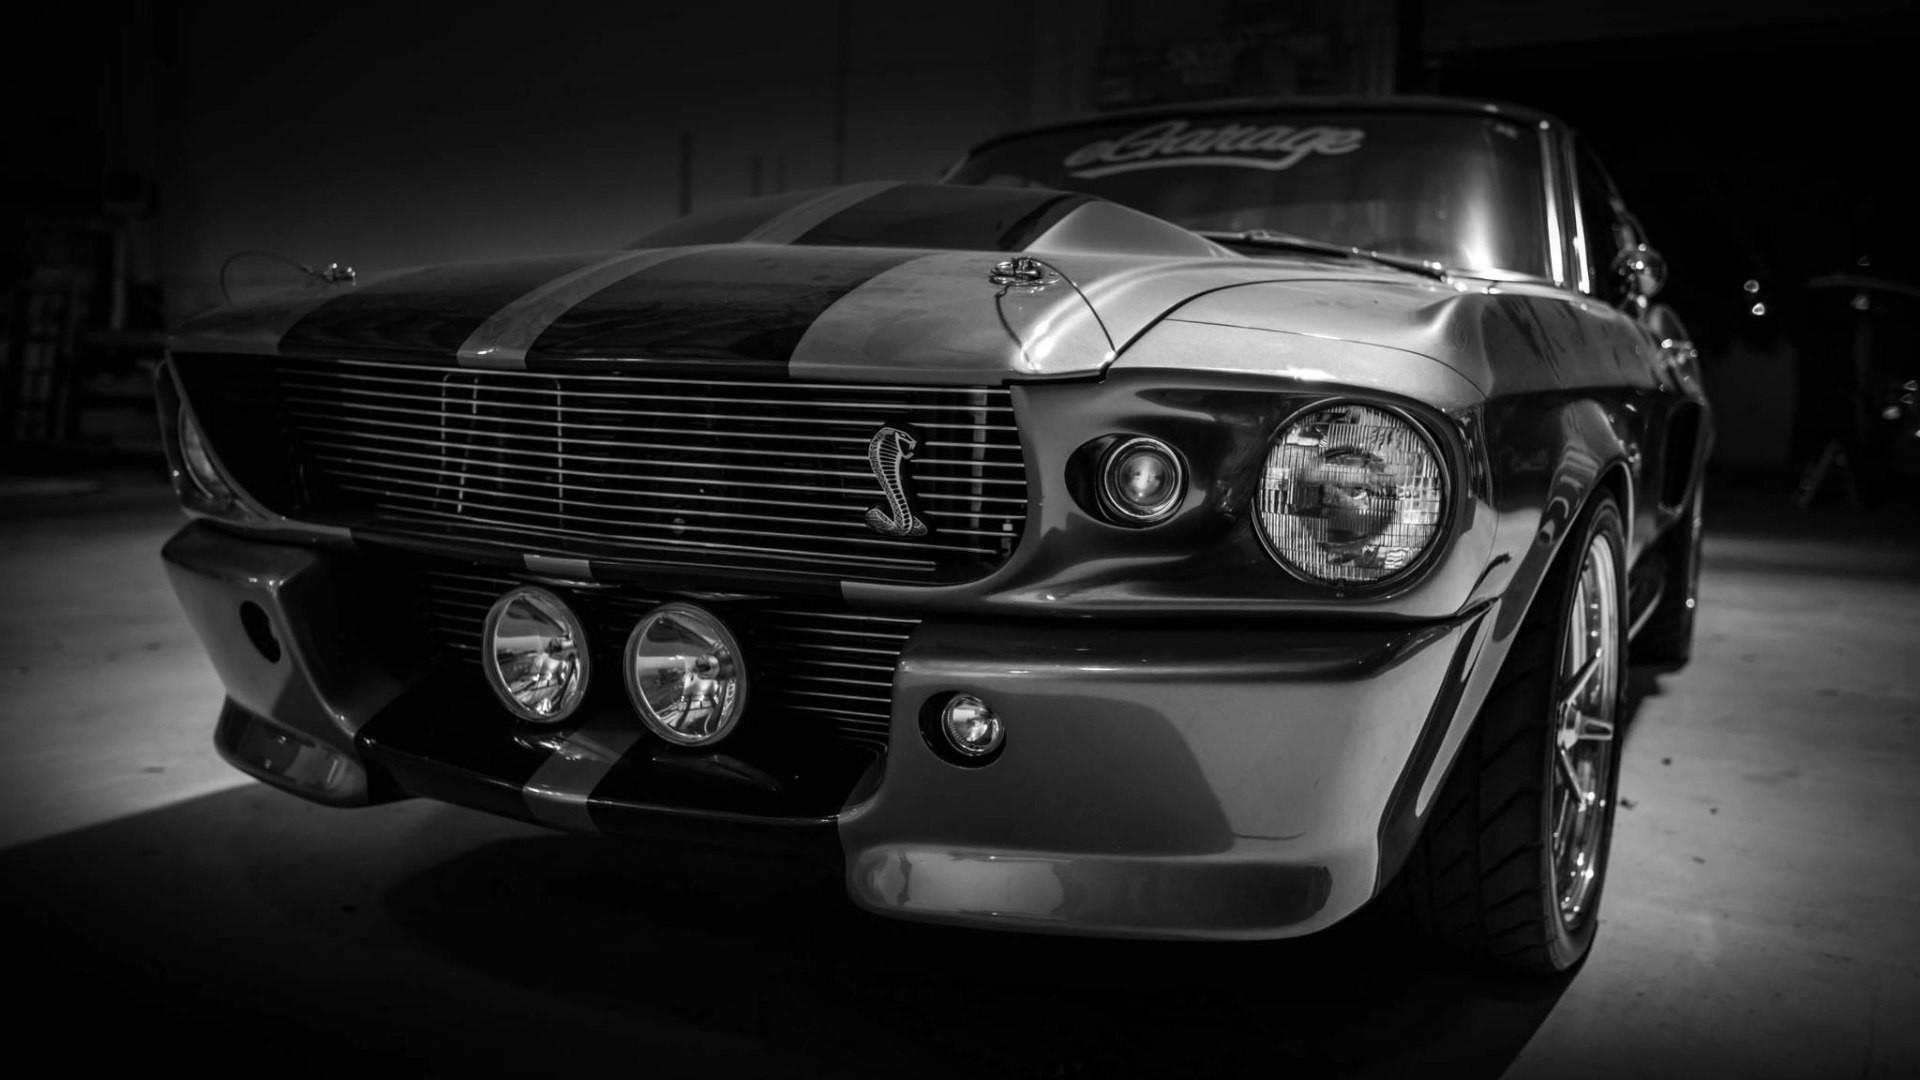 1967 Shelby Gt500 Wallpaper ·â'